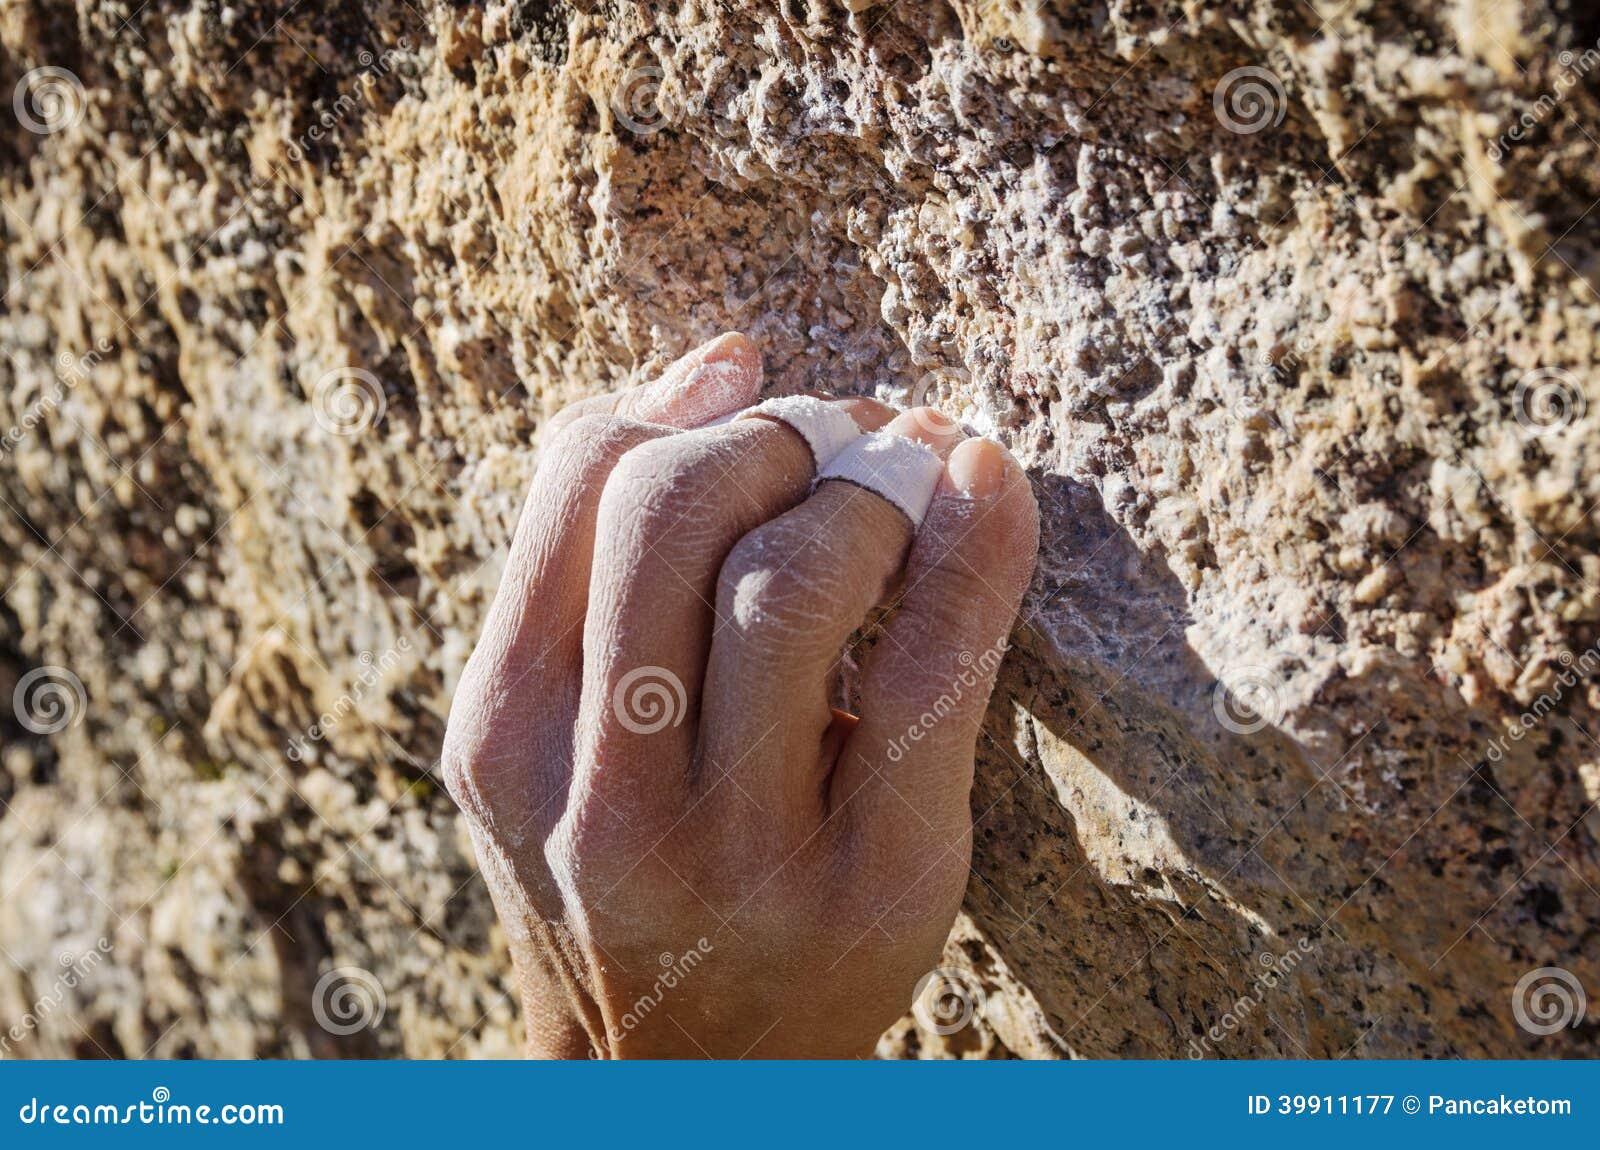 Apretón de la encrespadura del escalador